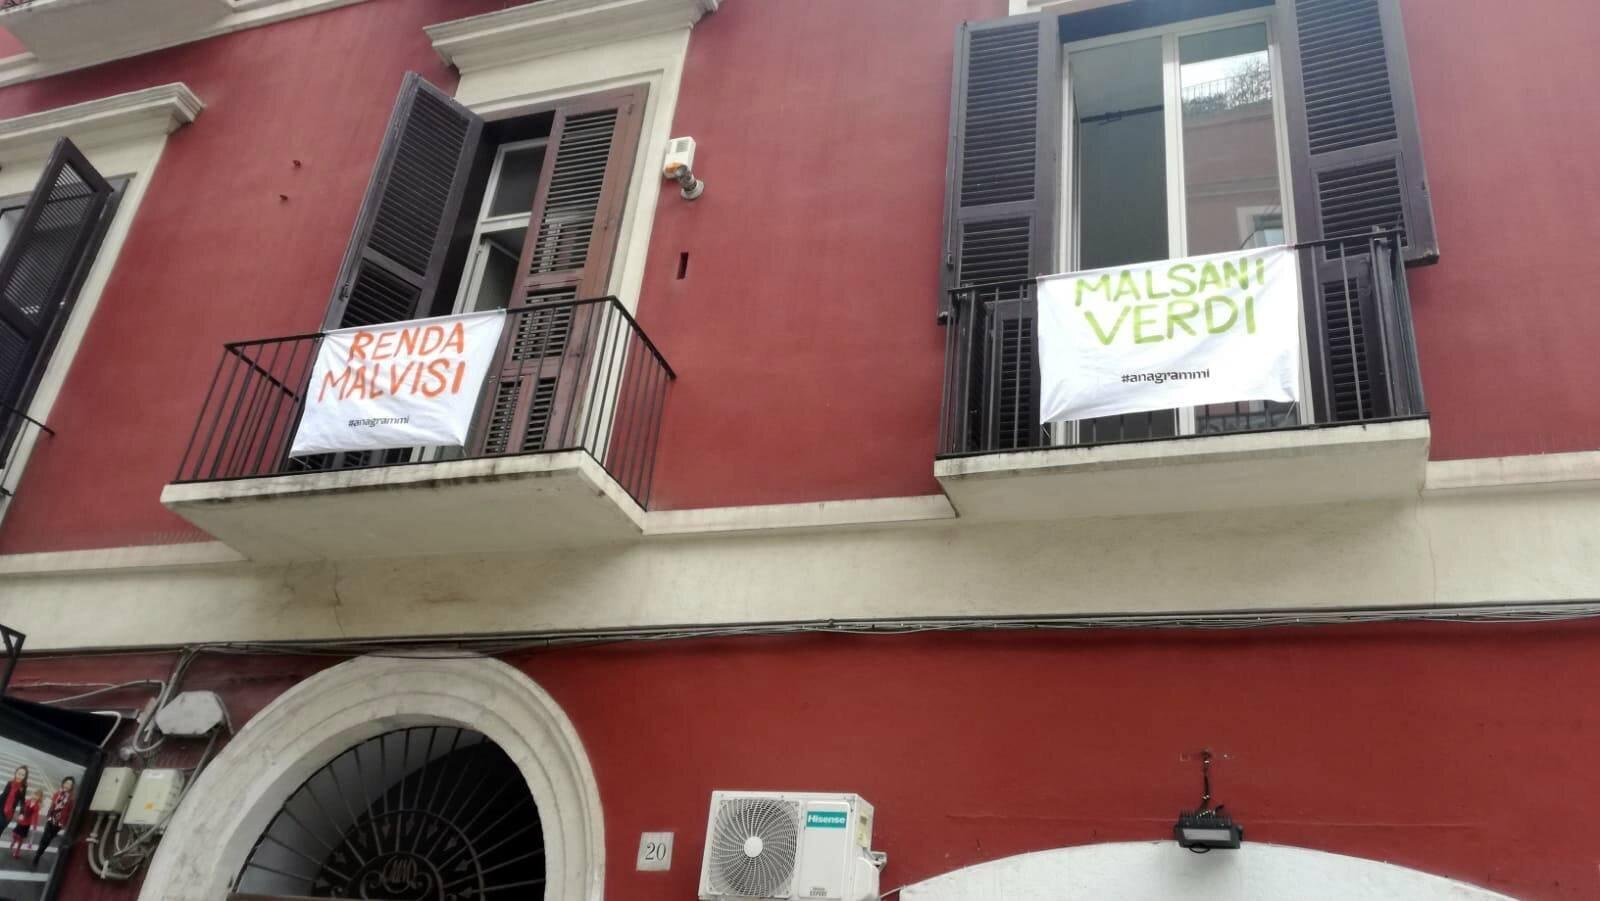 Anagrammi contro Salvini: la trovata a Bari per non farsi sequestrare gli